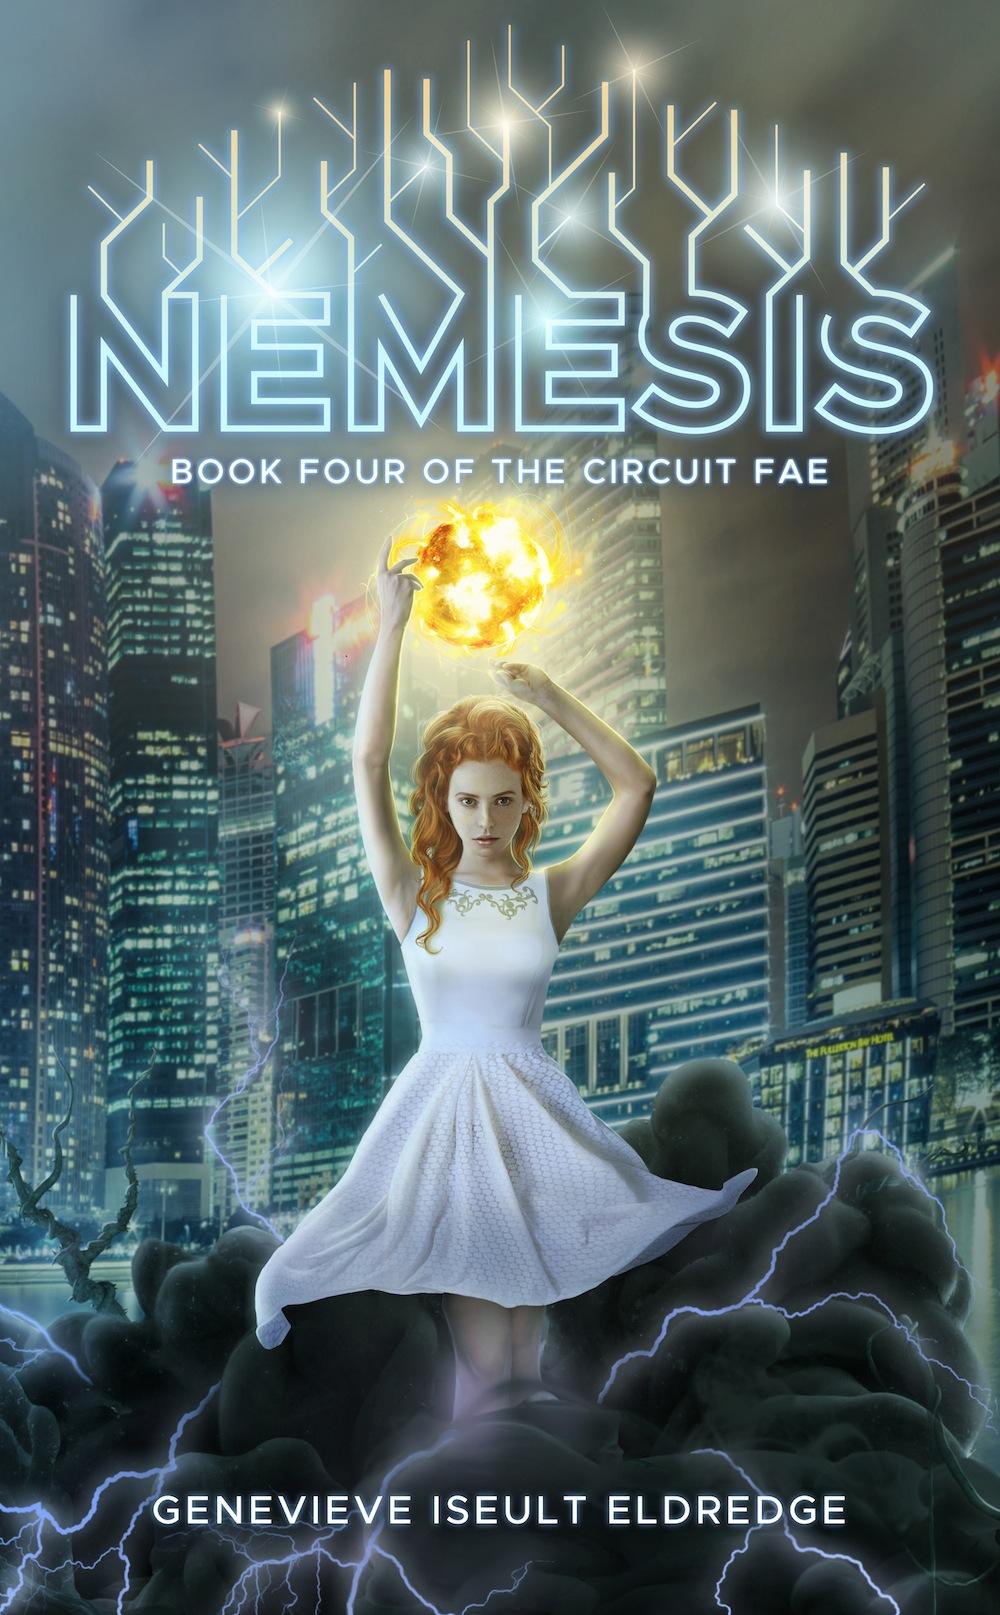 Nemesis_ebook copy.jpg